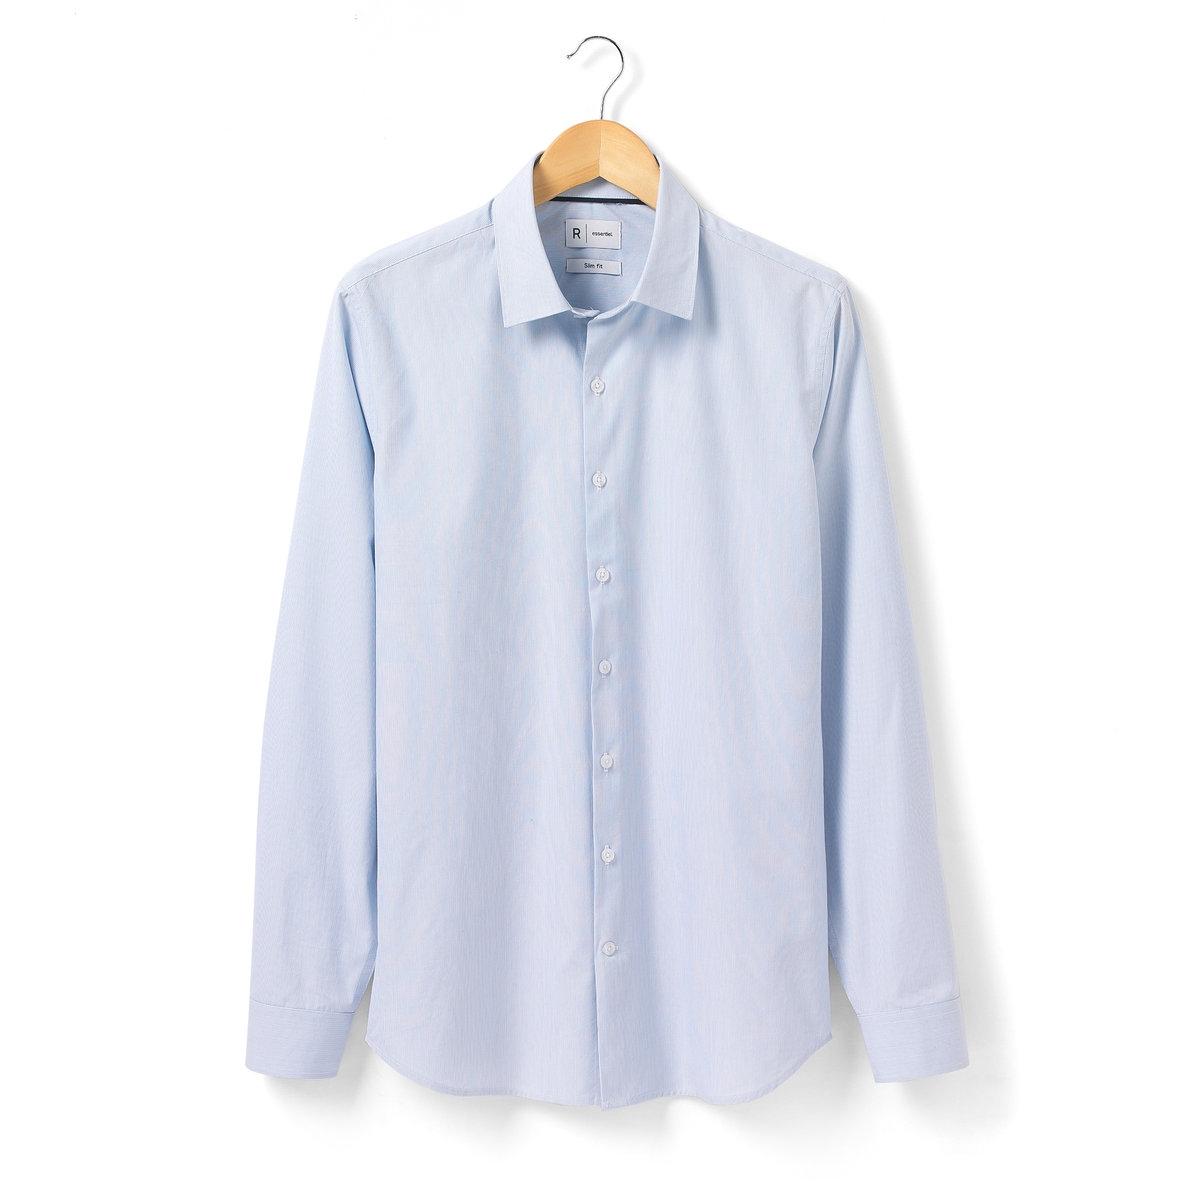 Рубашка узкого покроя с длинными рукавамиРубашка с длинными рукавами R Essentiel. Узкий покрой (облегающий).  100% хлопка. Тонкие полоски. Свободные уголки воротника с контрастной внутренней частью. Длина. 77 см.<br><br>Цвет: в полоску синий + белый